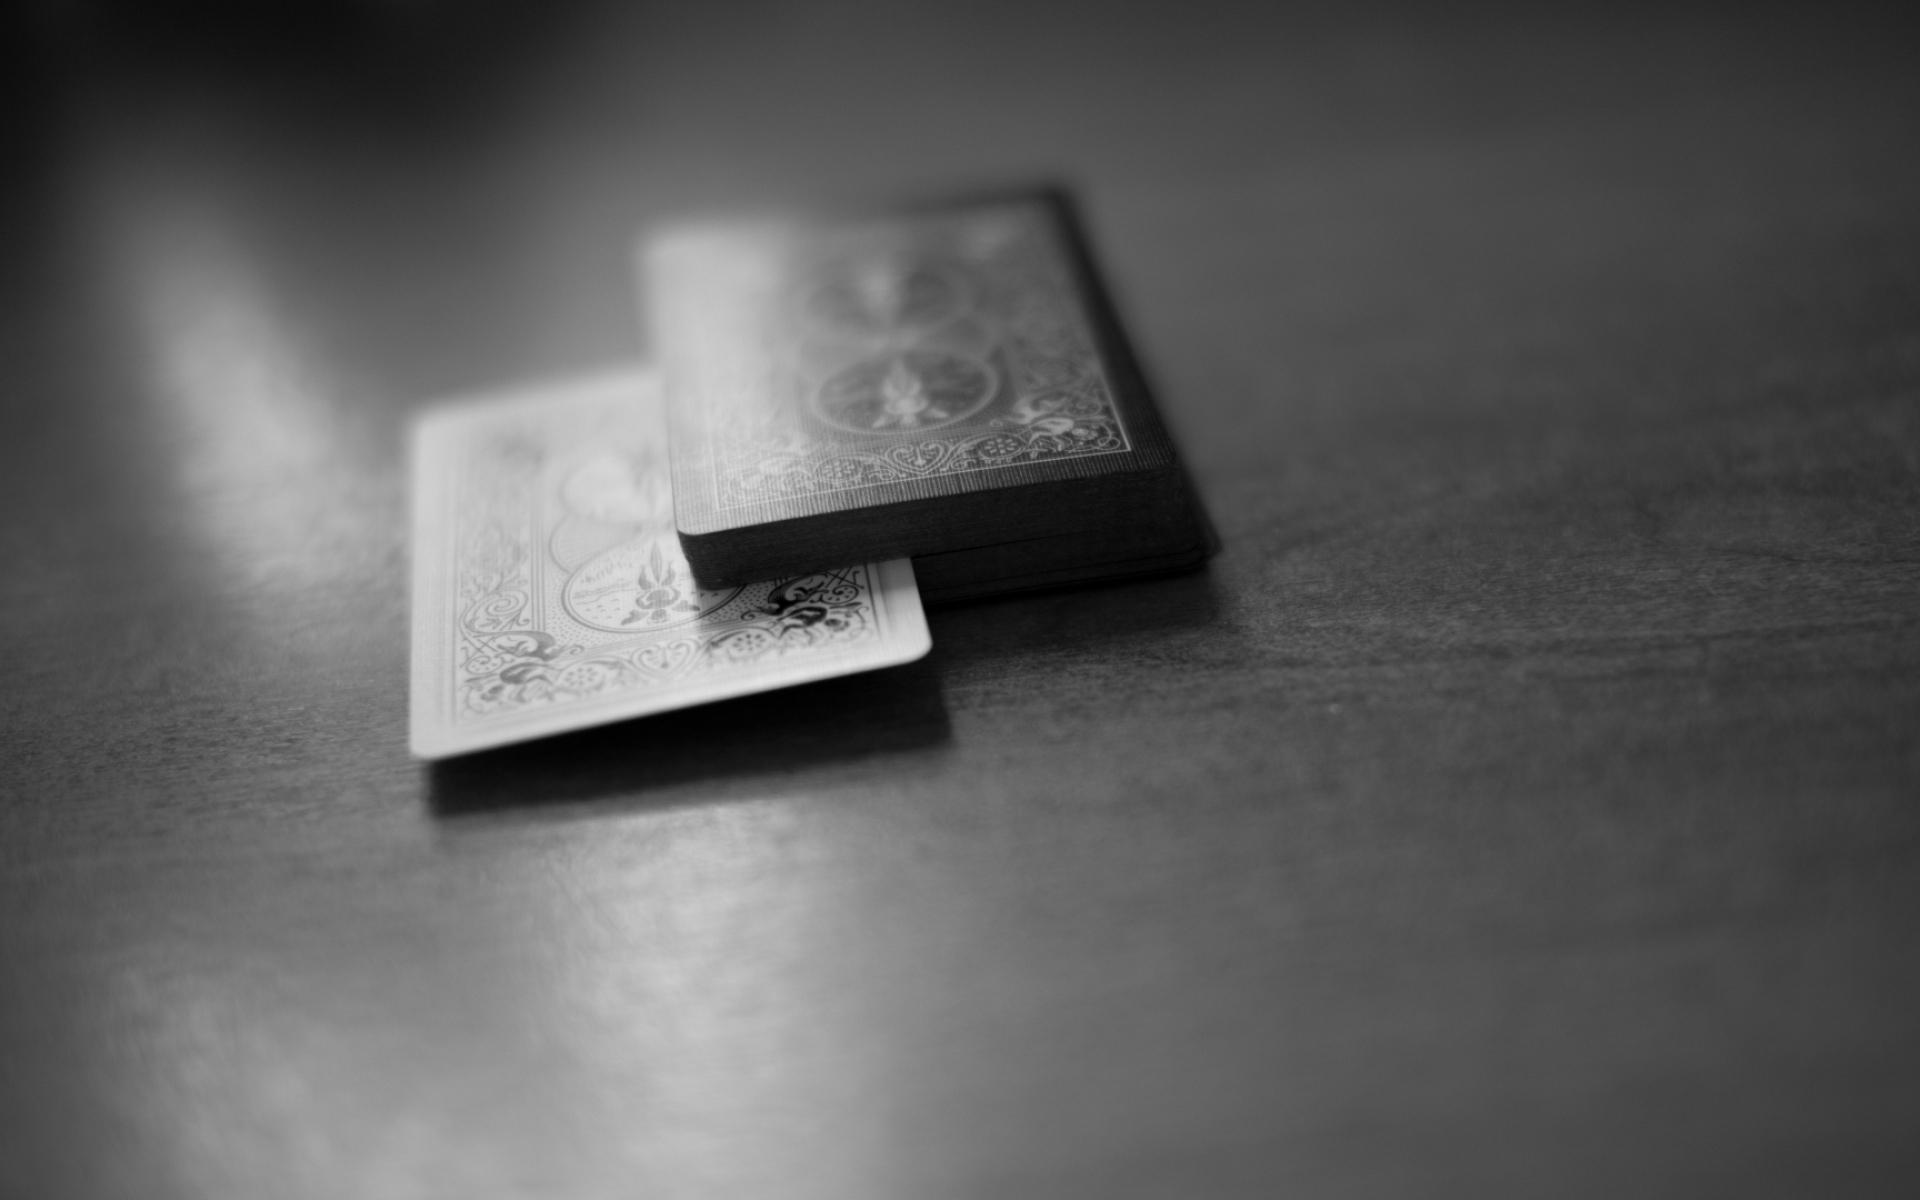 Картинки Велосипеды, карты, черный белый фото и обои на рабочий стол